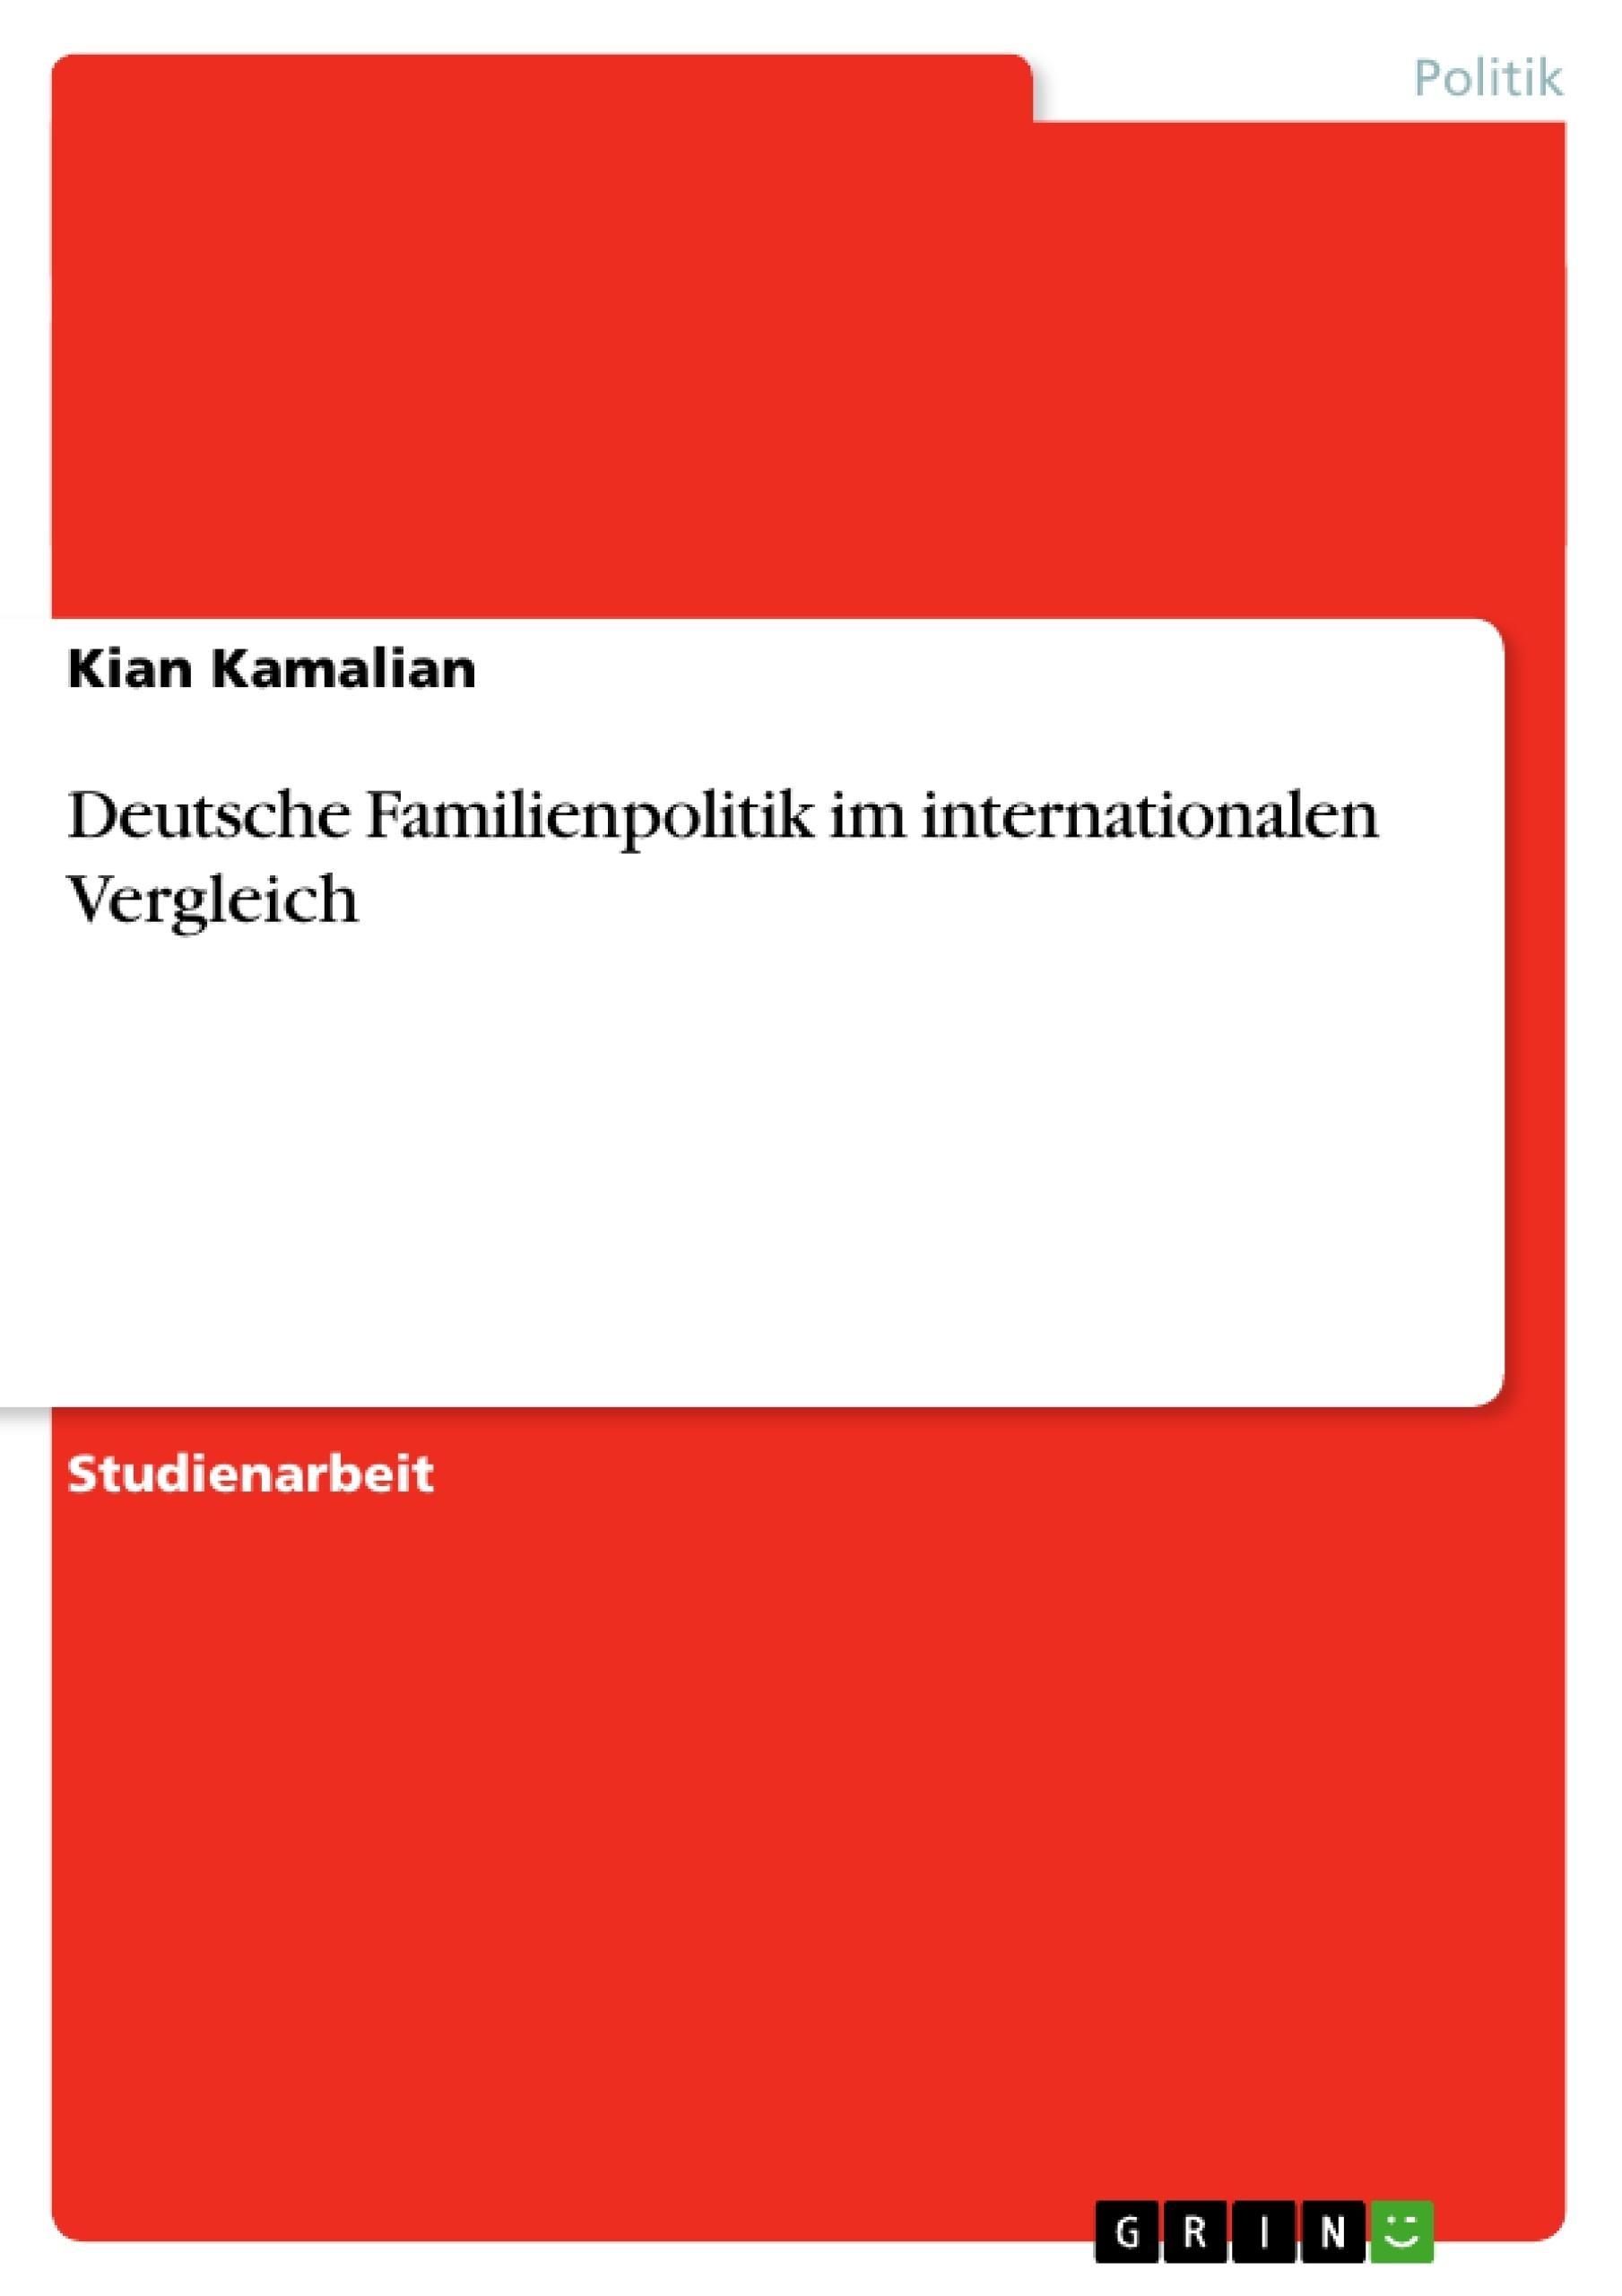 Titel: Deutsche Familienpolitik im internationalen Vergleich